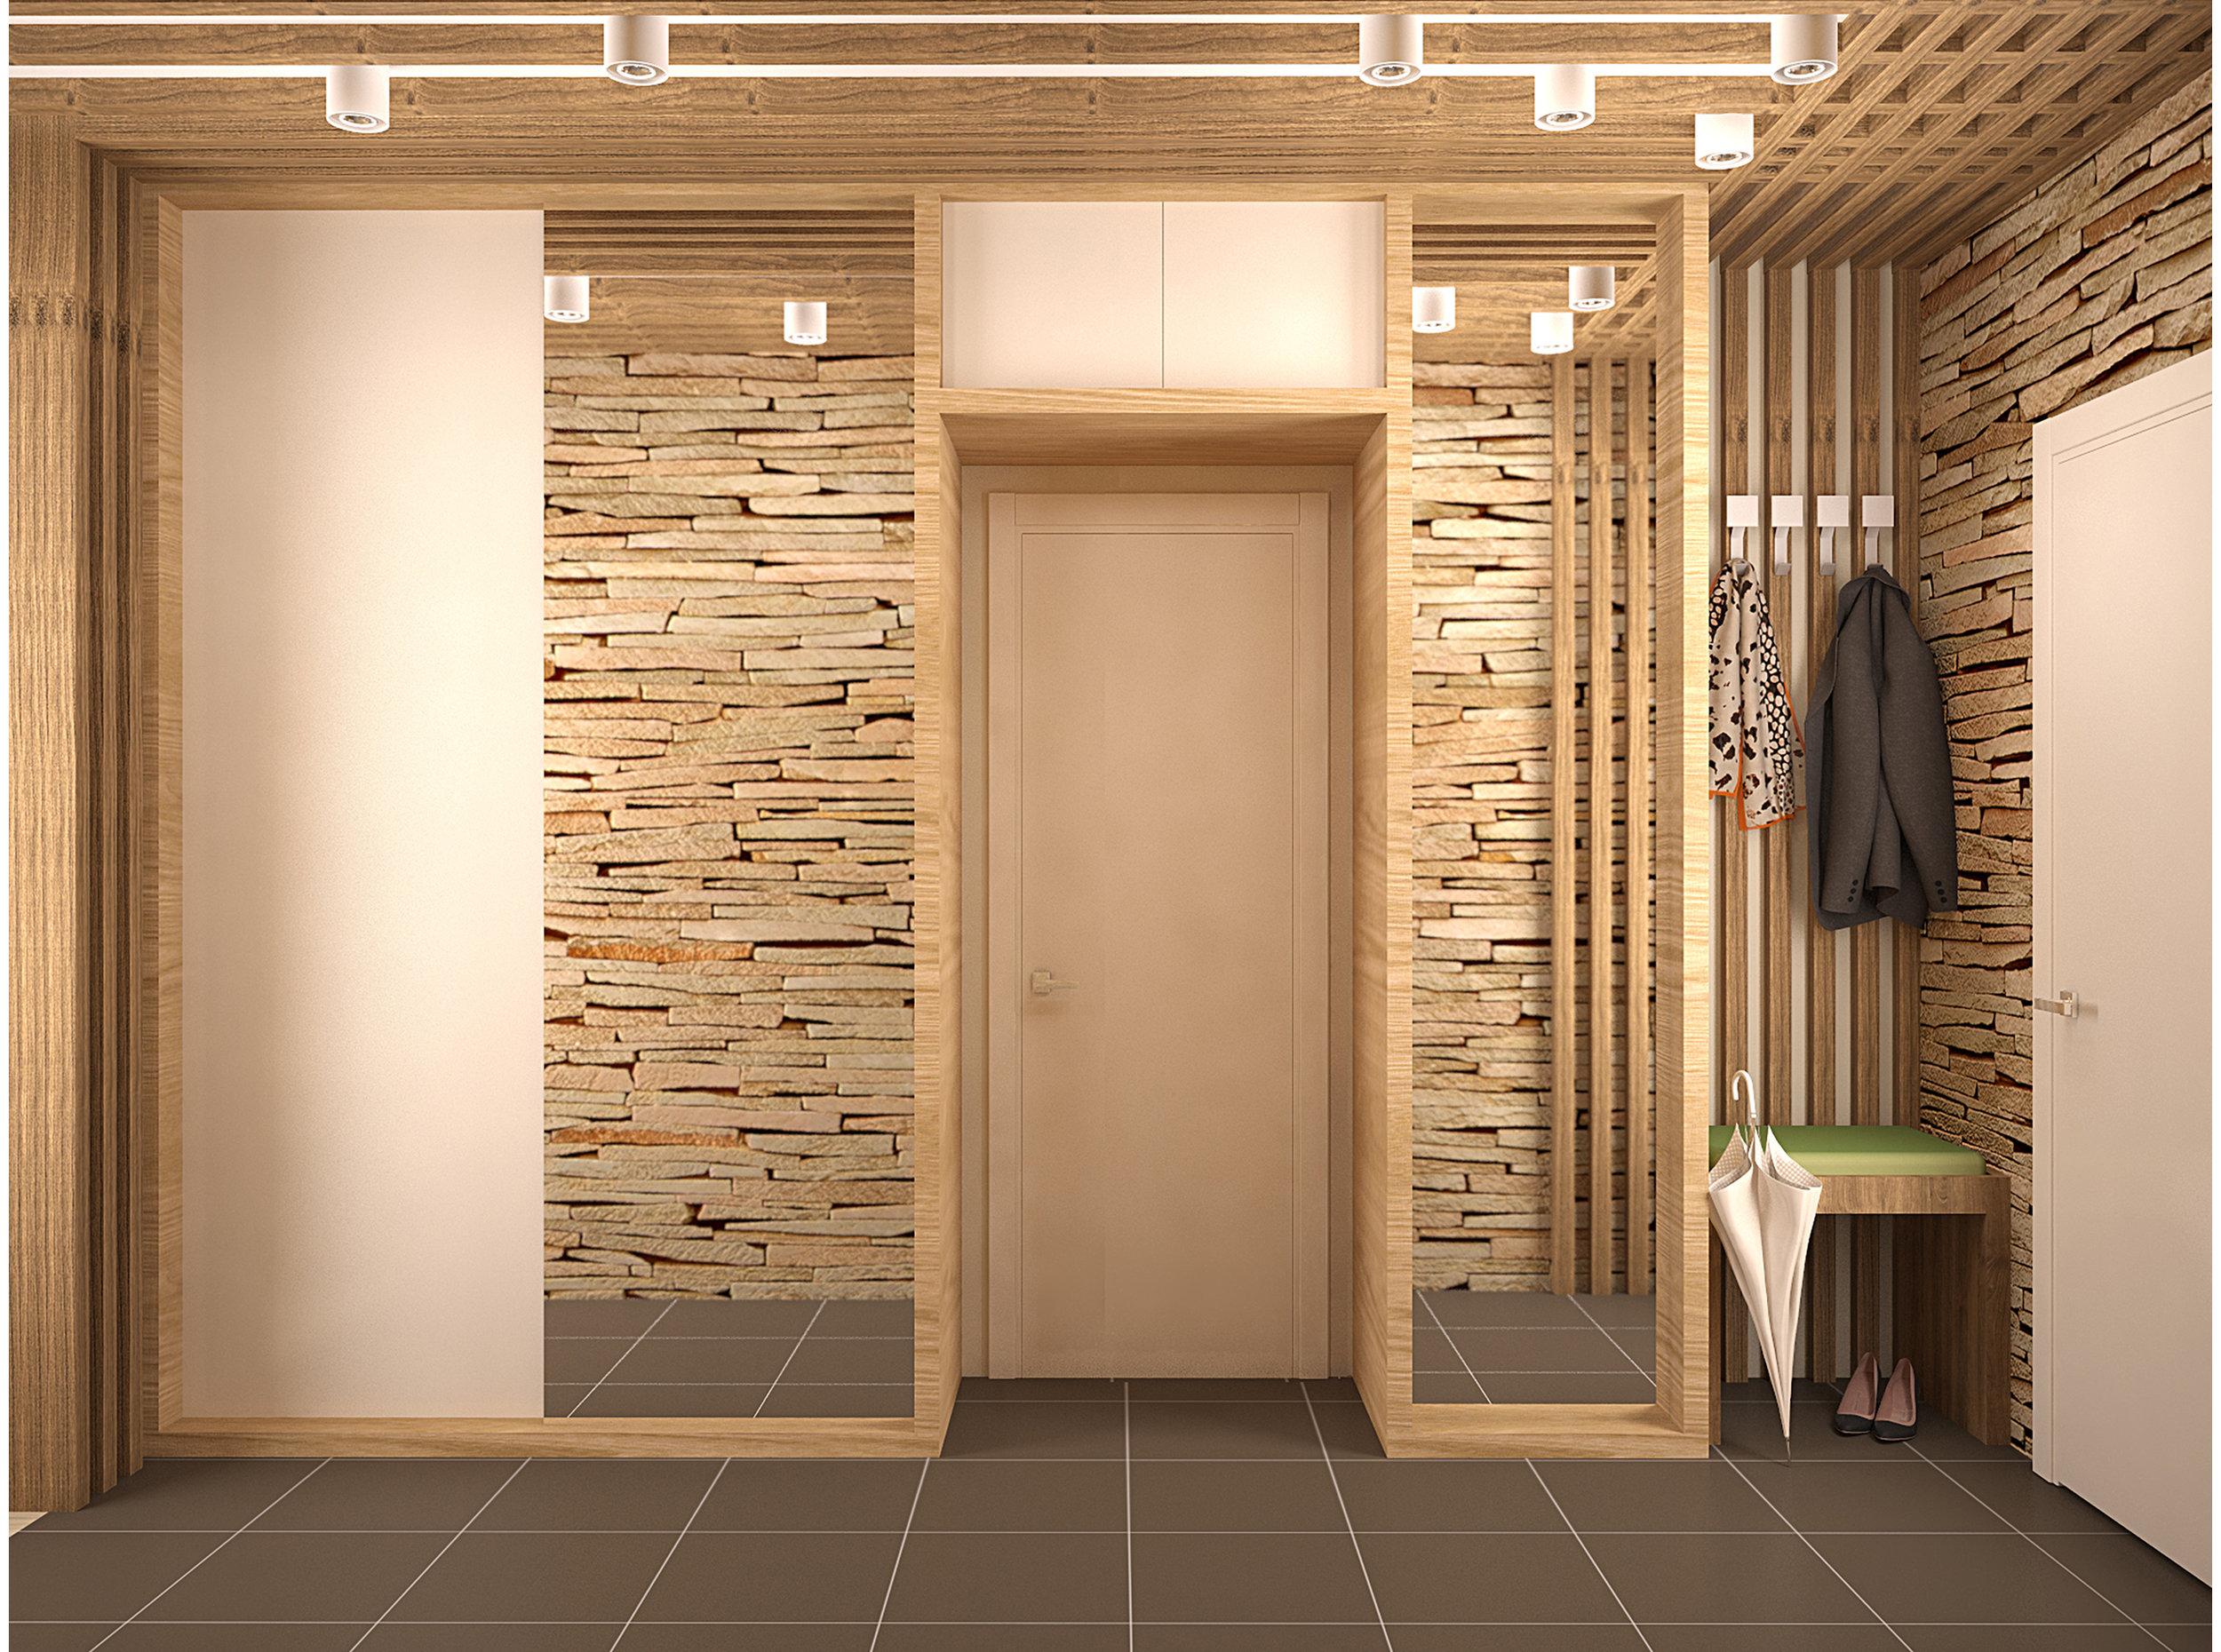 Copy of Hallway interior